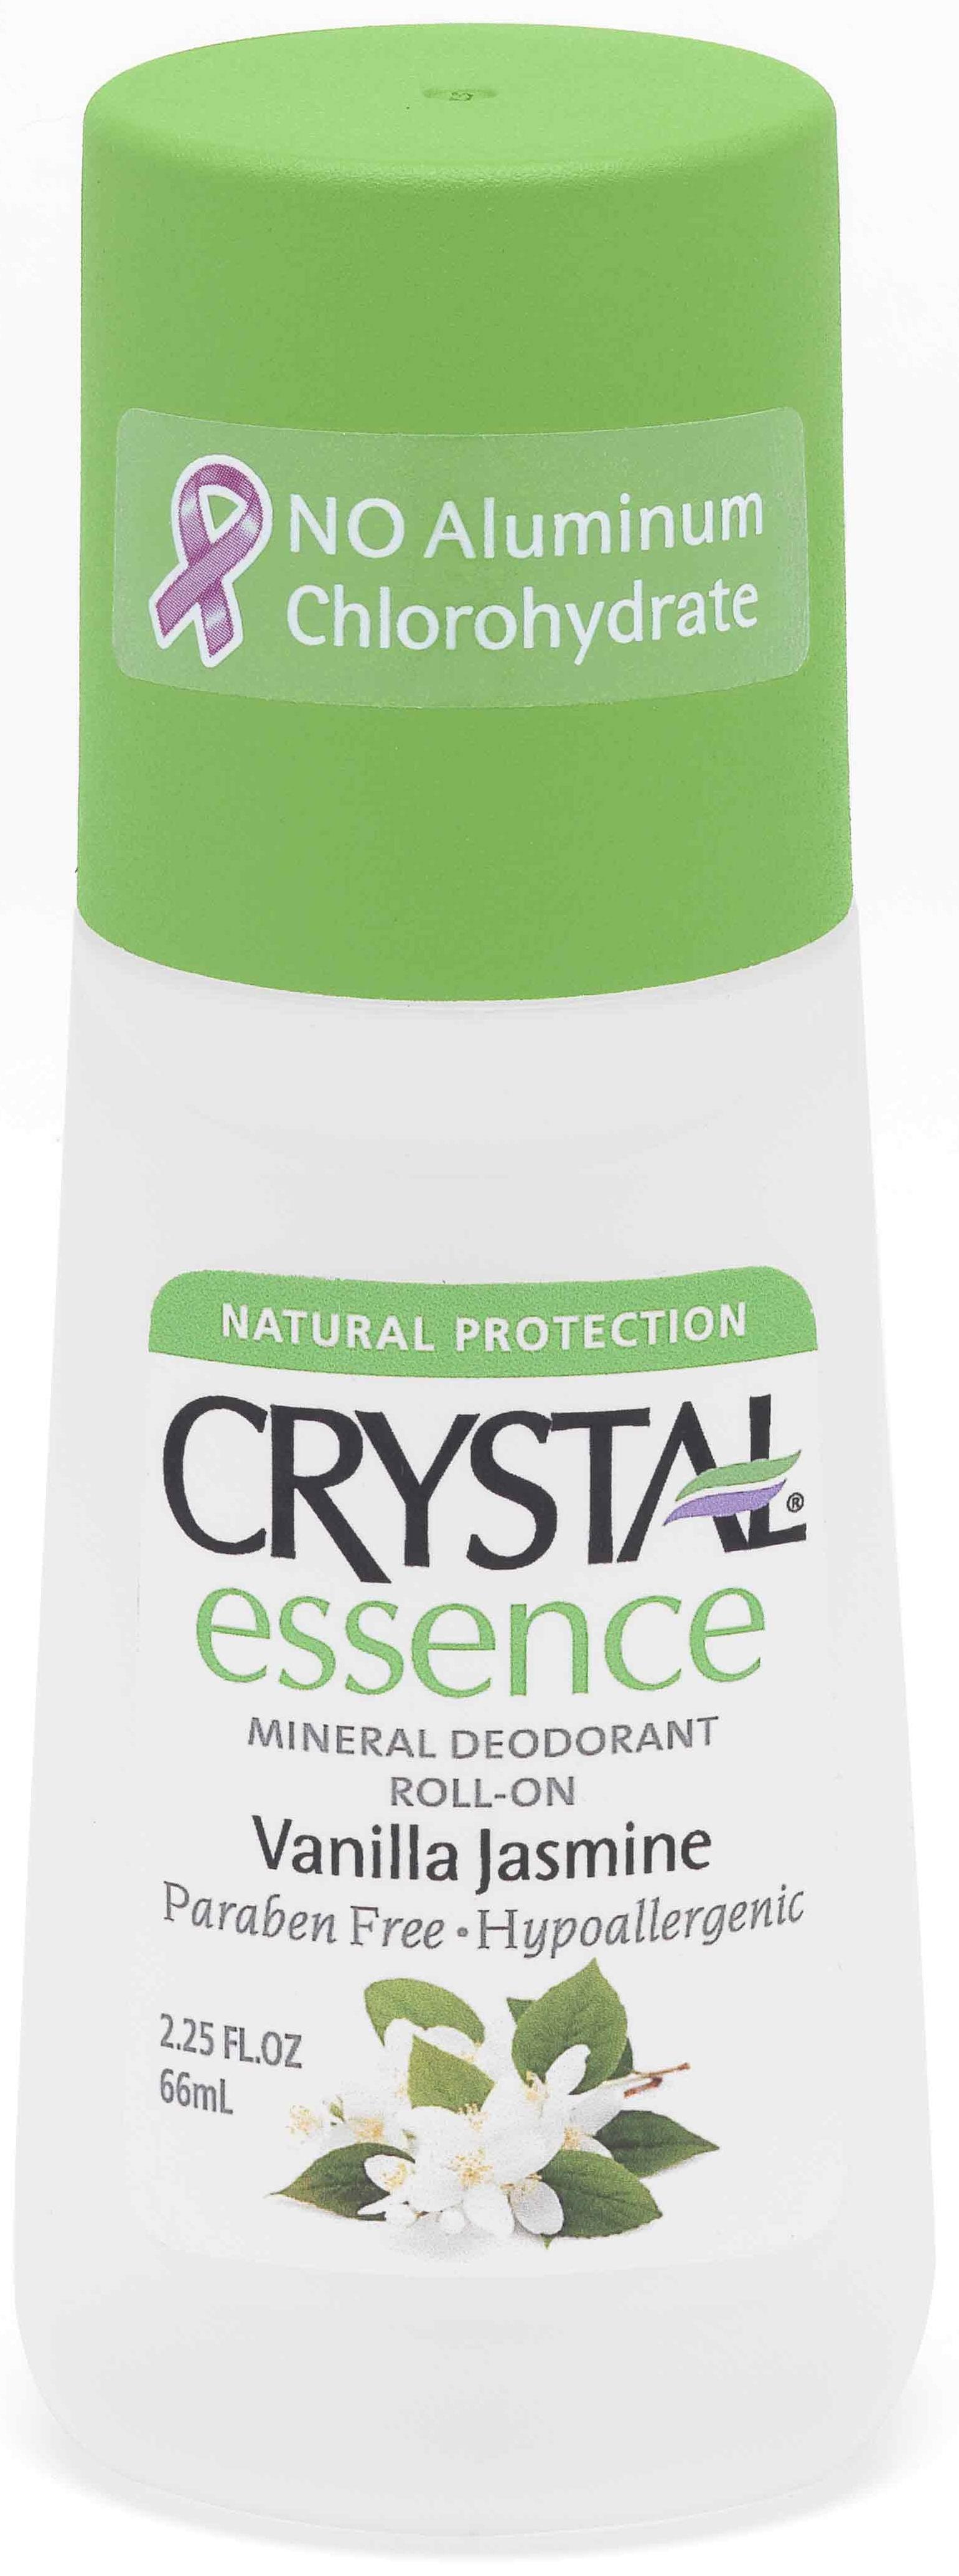 CRYSTAL Дезoдорант роликовый Ваниль и Жасмин / Crystal body ROLL-on Vanilla-Jasmin 66млДезодоранты<br>НОВИНКА! Антибактериальный дезодорант Кристалл Эссенсе для тела с роликовым аппликатором. Создан на основе натуральных минеральных солей с экстрактами Ванили. Предназначен для полной защиты от бактерий и неприятного запаха в течение дня. Обладает мощным антибактериальным эффектом в сочетании с легкими и нежными ароматами Ванили. Содержит экстракт Ванили, которые оказывают противо воспалительное и расслабляющее действие на Вашу кожу. Улучшенная конструкция роликового аппликатора позволяет нежно и экономно нанести дезодорант на Вашу кожу. Не содержит консервантов, не вызывает аллергии. Не прилипает и не оставляет белых следов или разводов на одежде. Способ применения: наносить легкими движениями на чистую кожу в утреннее время, после душа или ванны. Активные ингредиенты: натуральные минеральные соли (Potassium Alum), очищенная вода, квасцы калия, эфирные масла, целлюлоза, экстракт Ванили.<br>